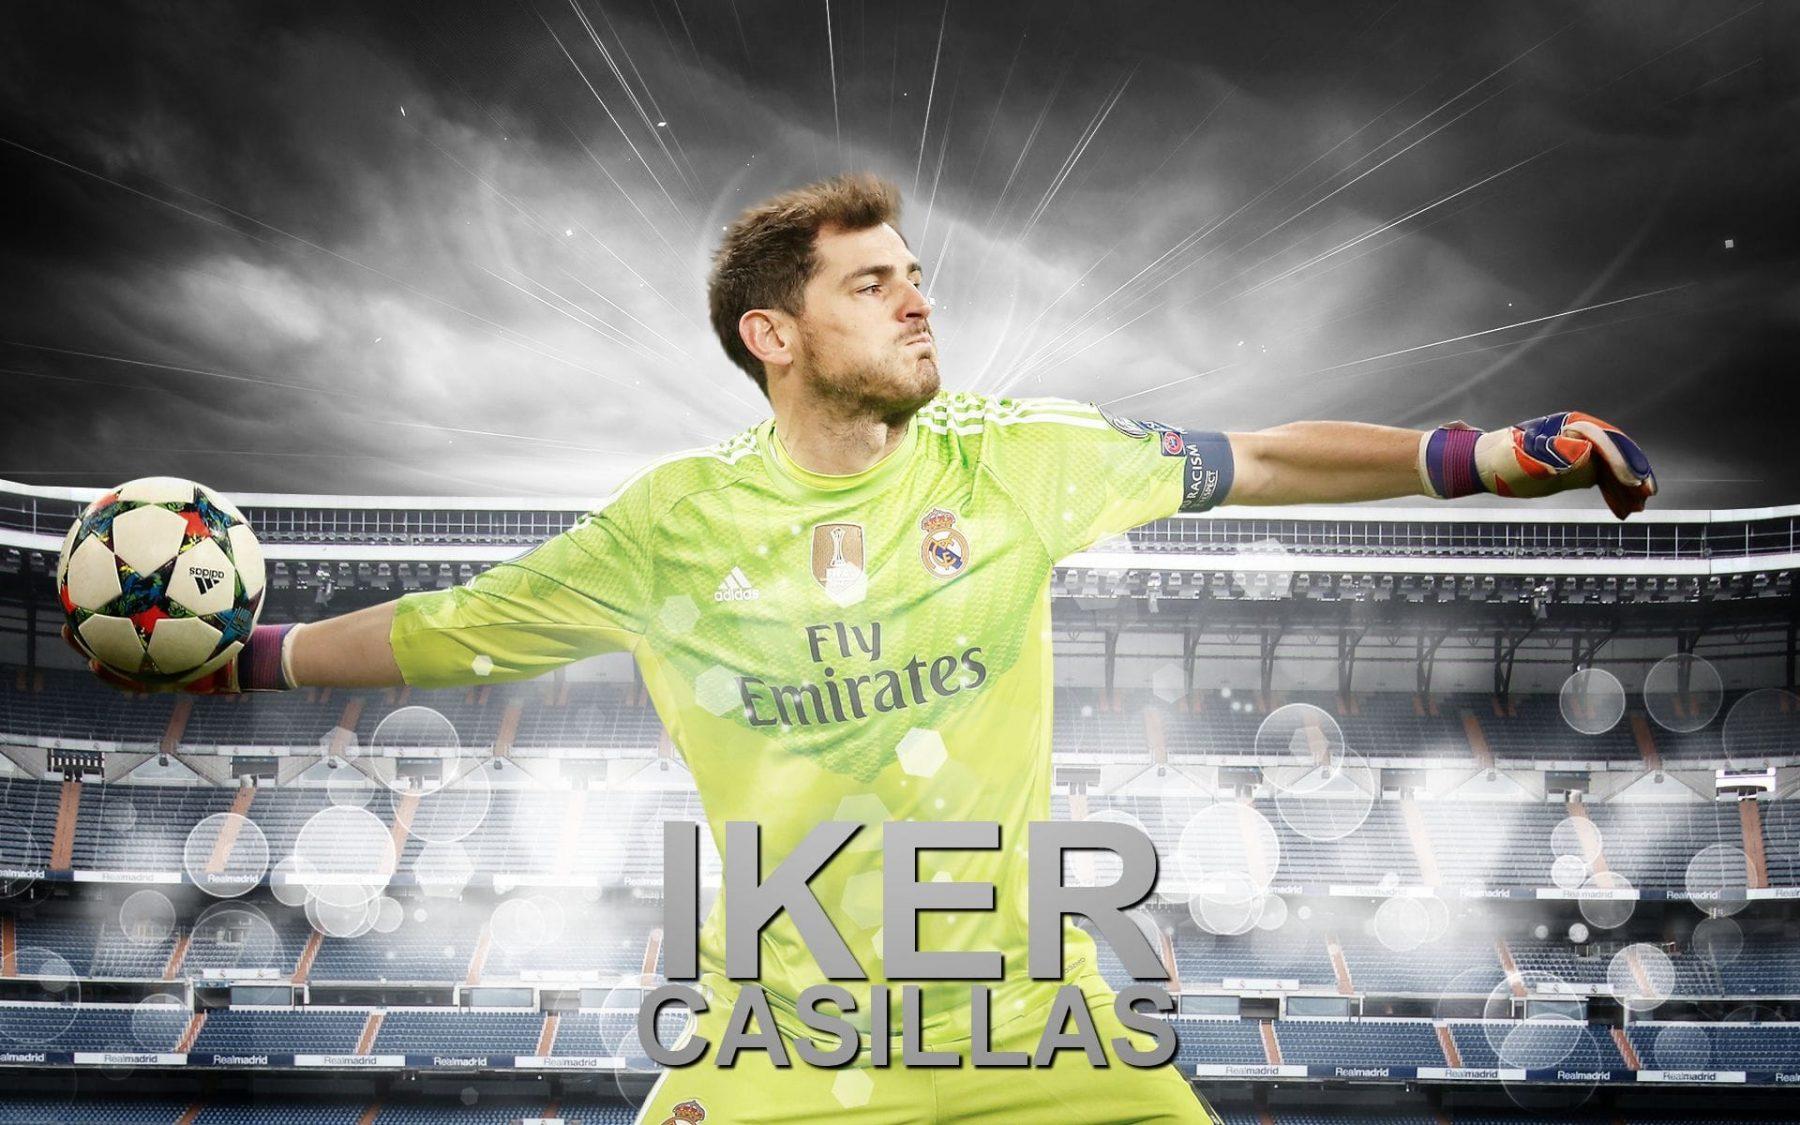 Iker Casillas HD Pics Wallpapers Hd